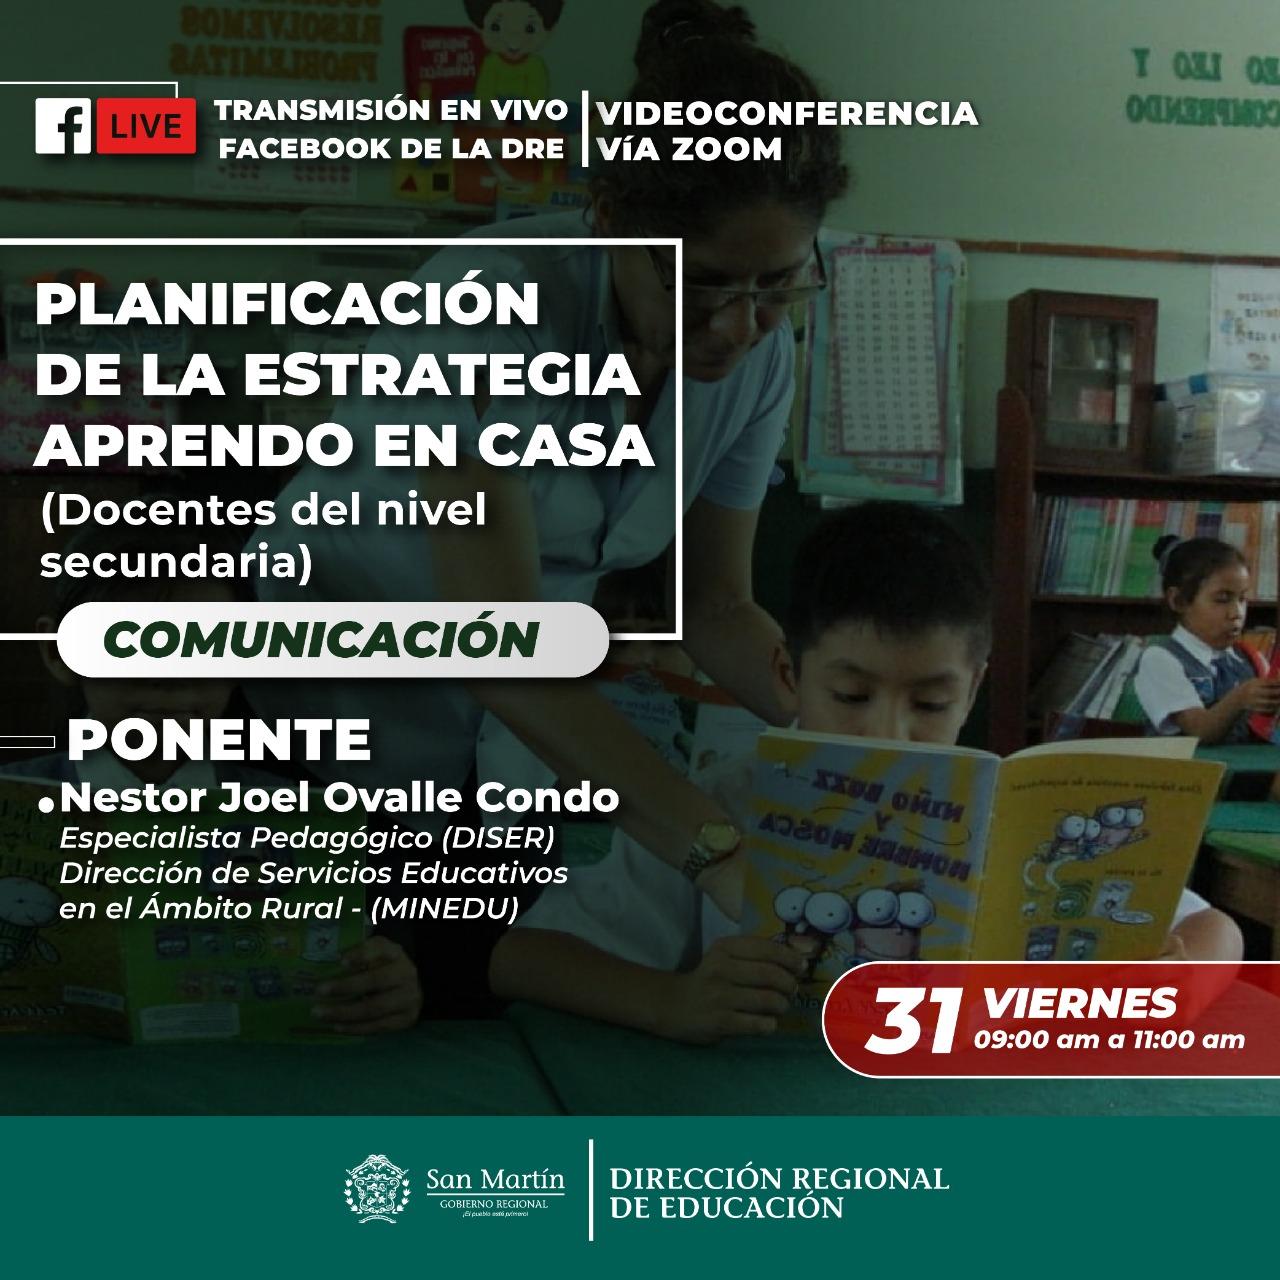 VIERNES 31 DE JULIO, CONTINUAMOS CON NUESTRAS CAPACITACIONES A CARGO DE ESPECIALISTAS DEL MINISTERIO DE EDUCACIÓN.